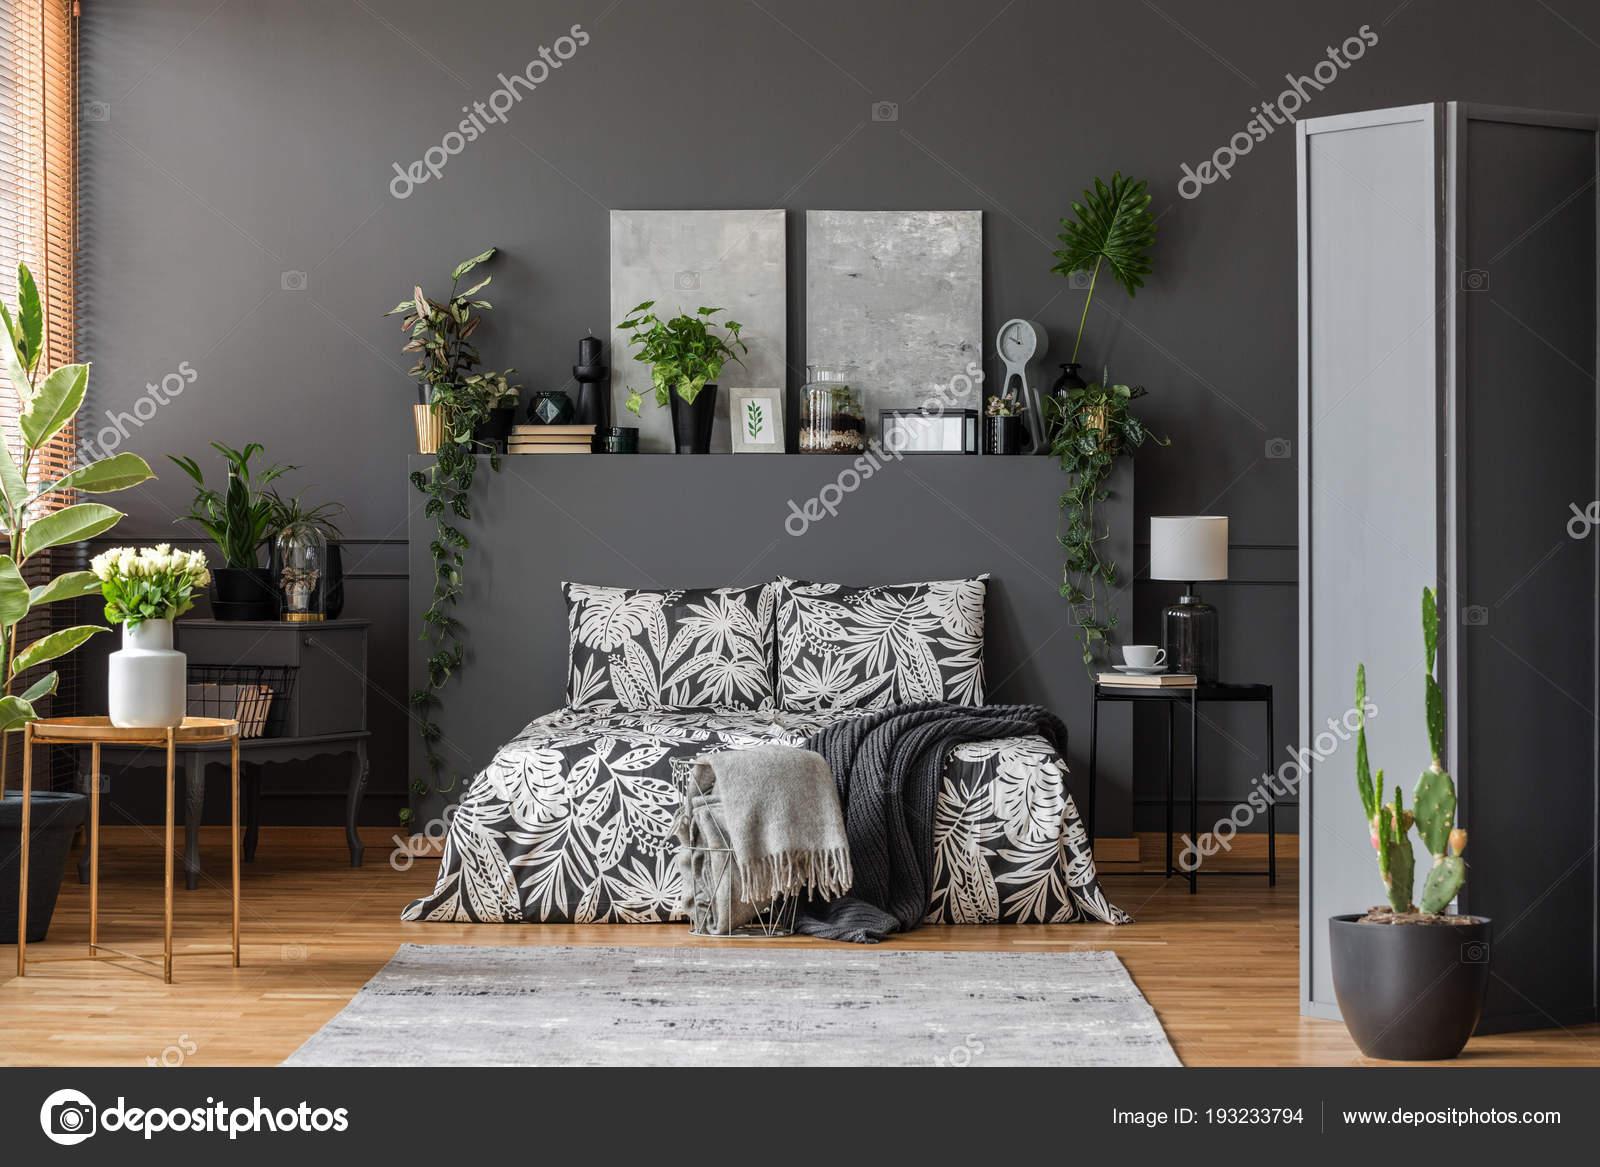 Weiße Rosen Und Kakteen Grau Schlafzimmer Innenraum Mit Gemusterte ...